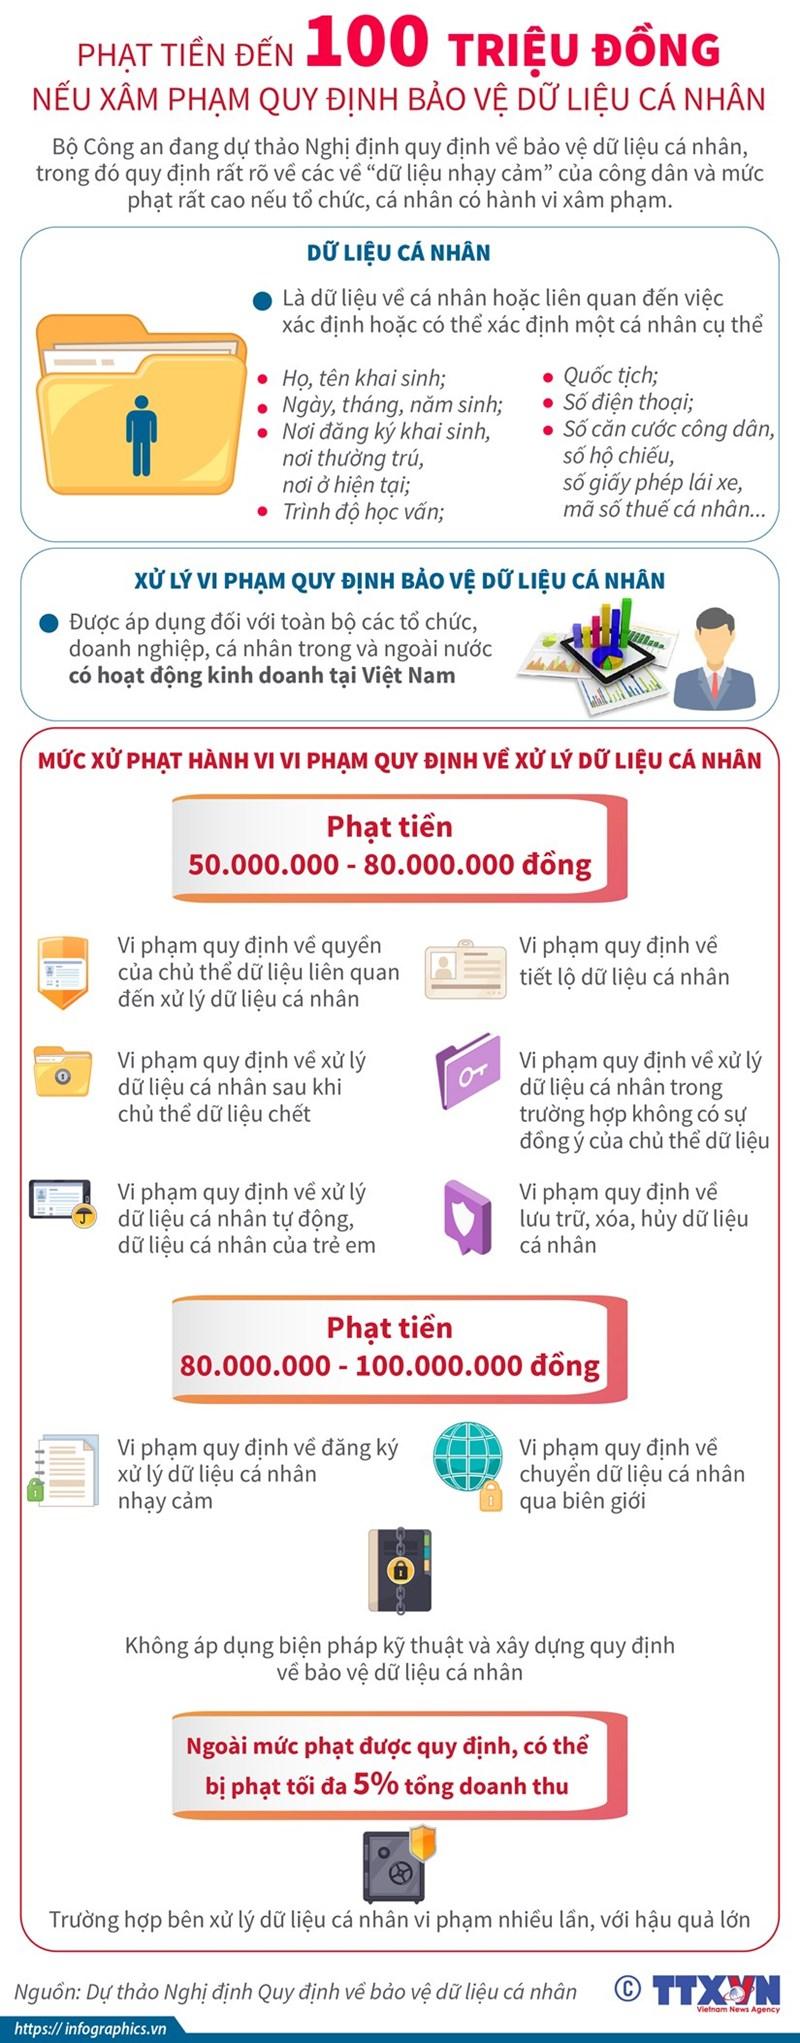 [Infographics] Xâm phạm quy định bảo vệ dữ liệu cá nhân bị phạt đến 100 triệu đồng - Ảnh 1